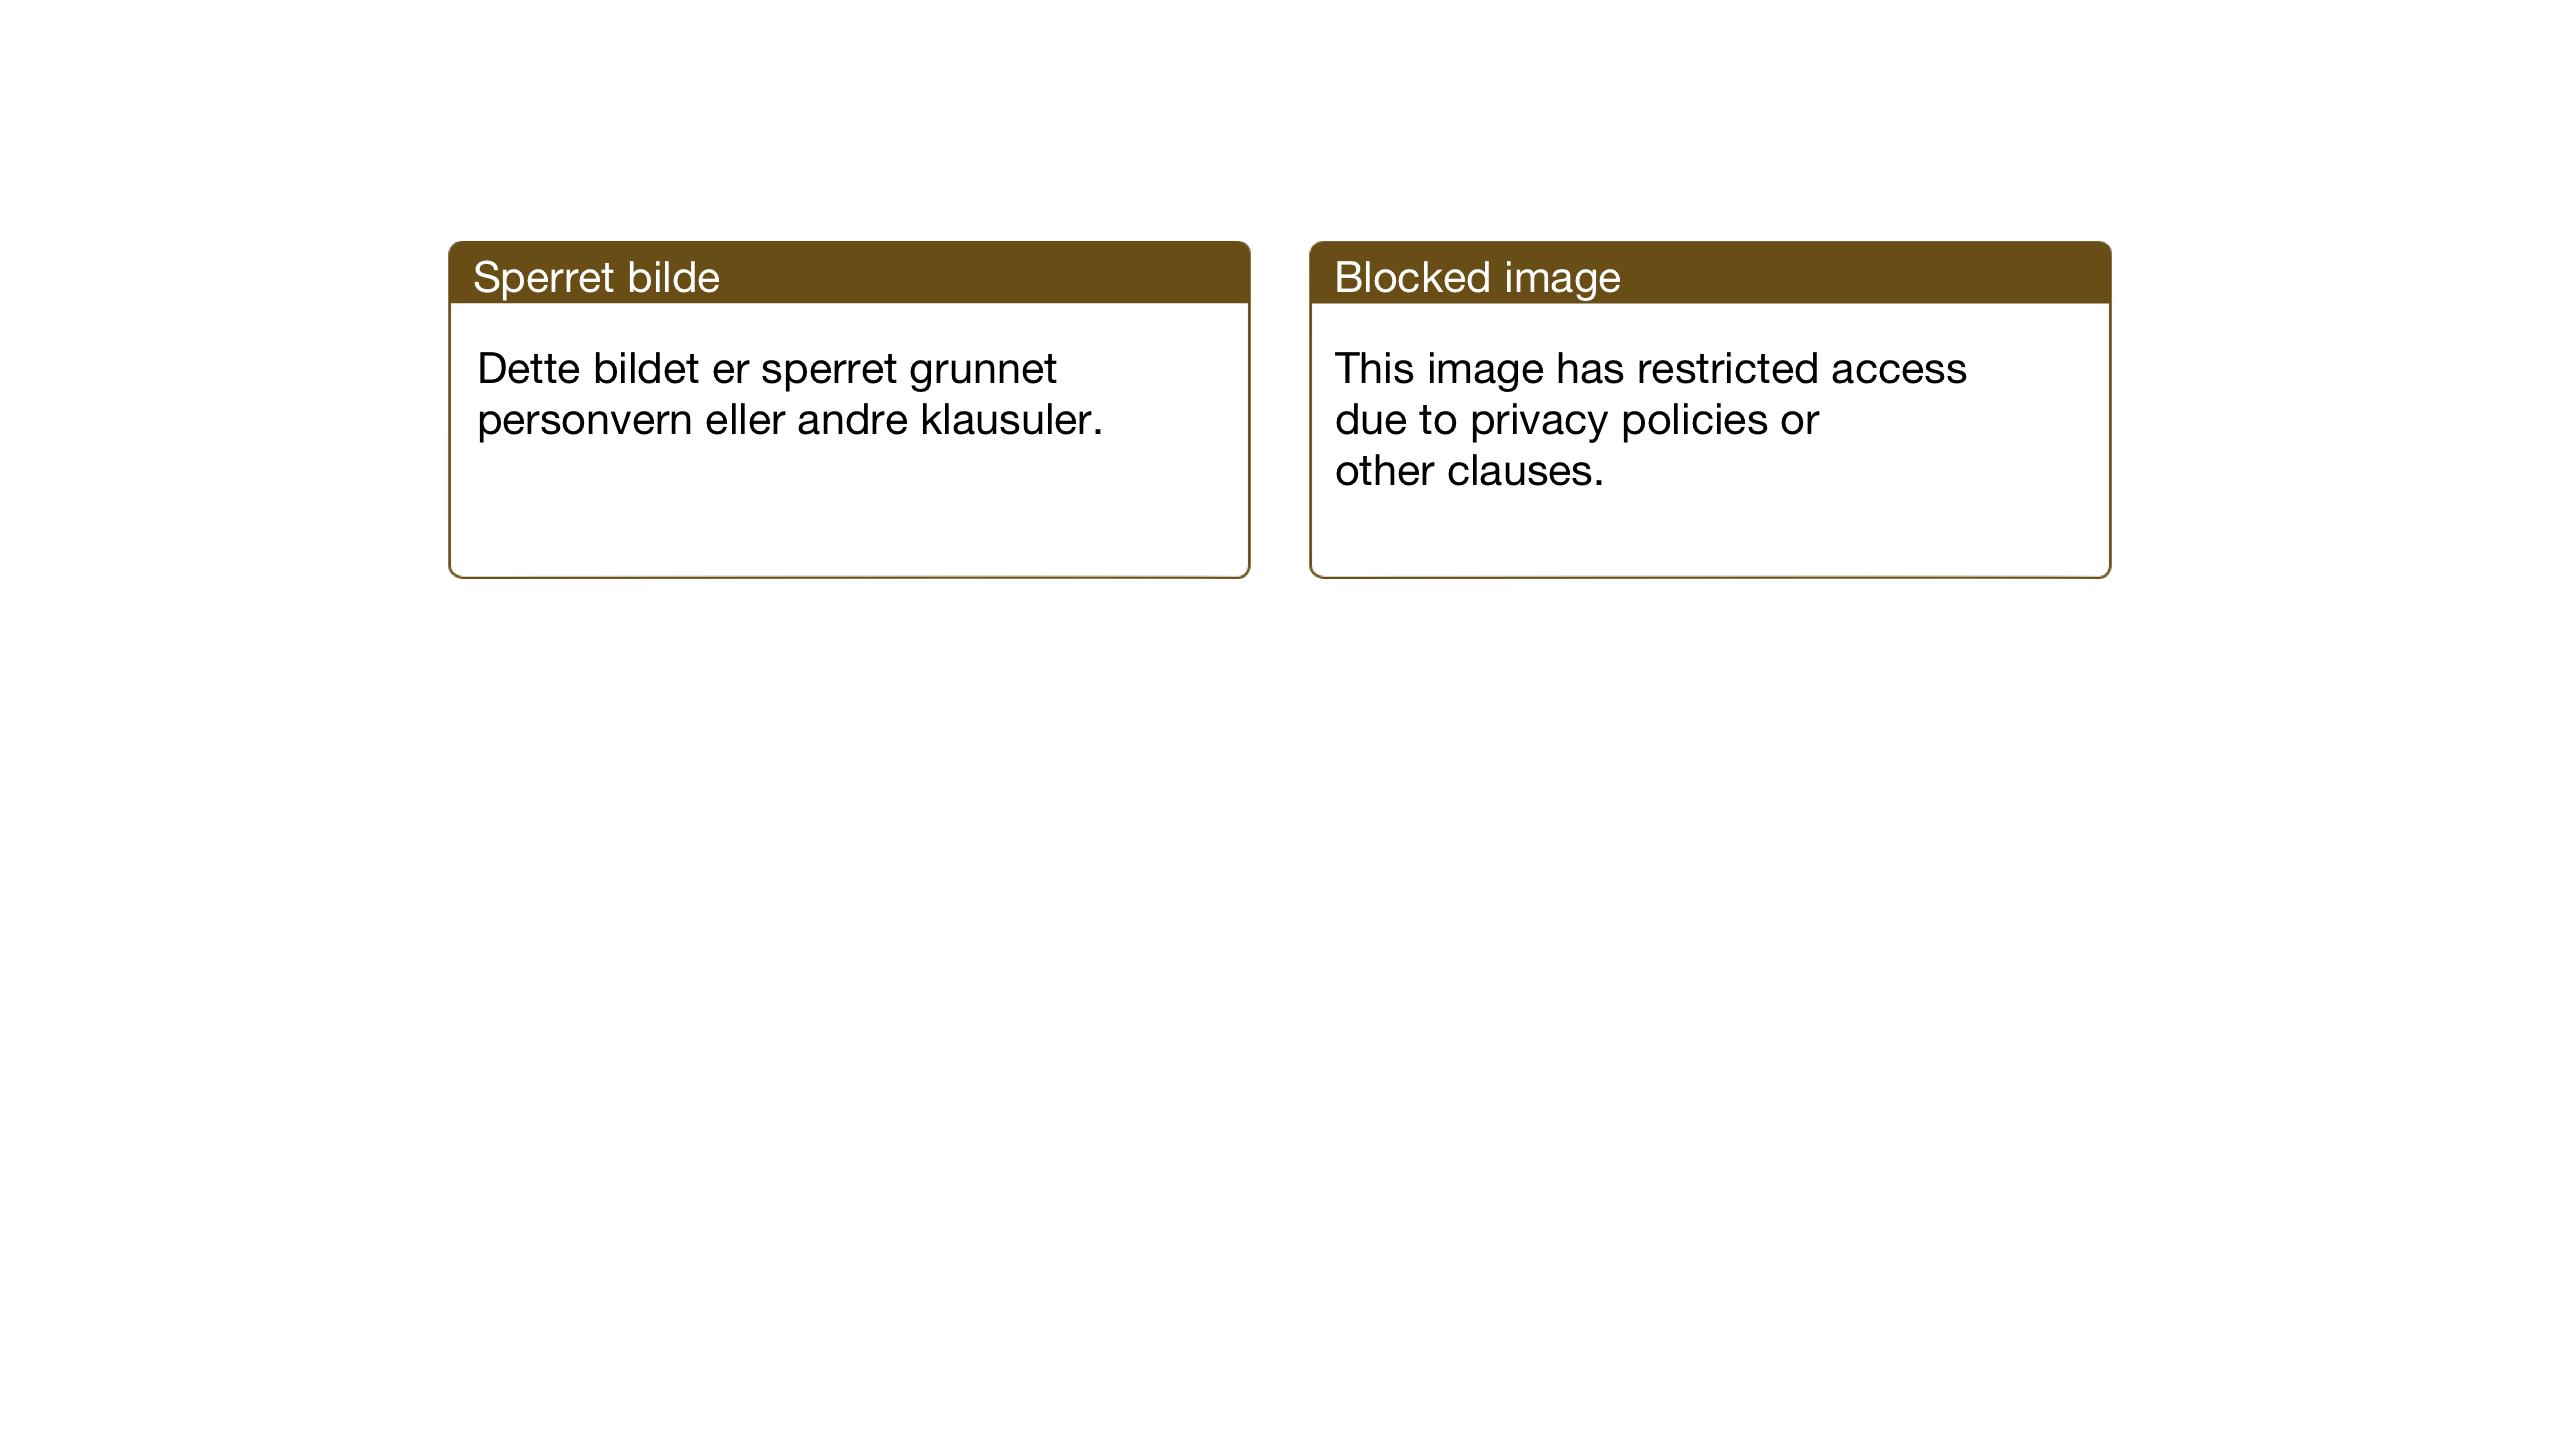 SAT, Ministerialprotokoller, klokkerbøker og fødselsregistre - Sør-Trøndelag, 604/L0228: Klokkerbok nr. 604C11, 1928-1950, s. 190